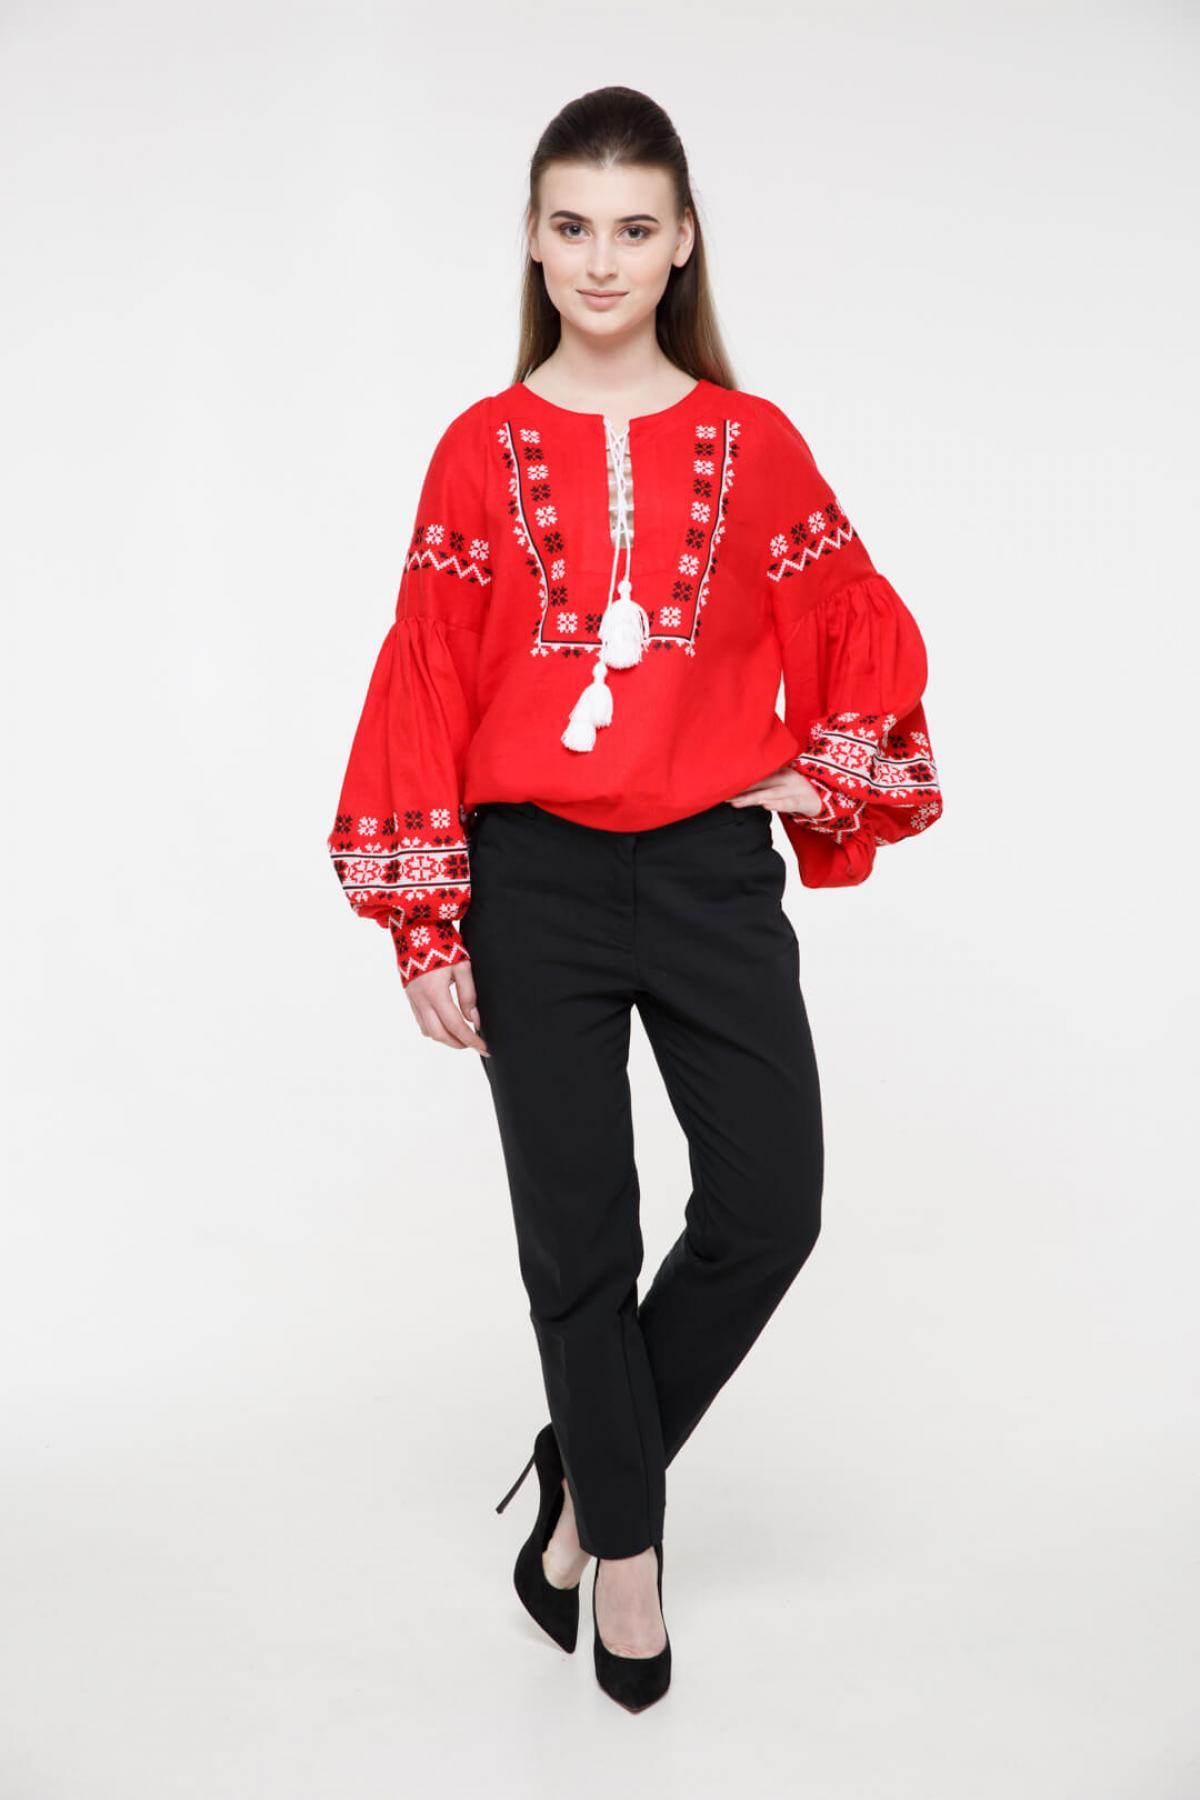 Рубашка вышитая «Наследство» красная. Фото №1. | Народный дом Украина